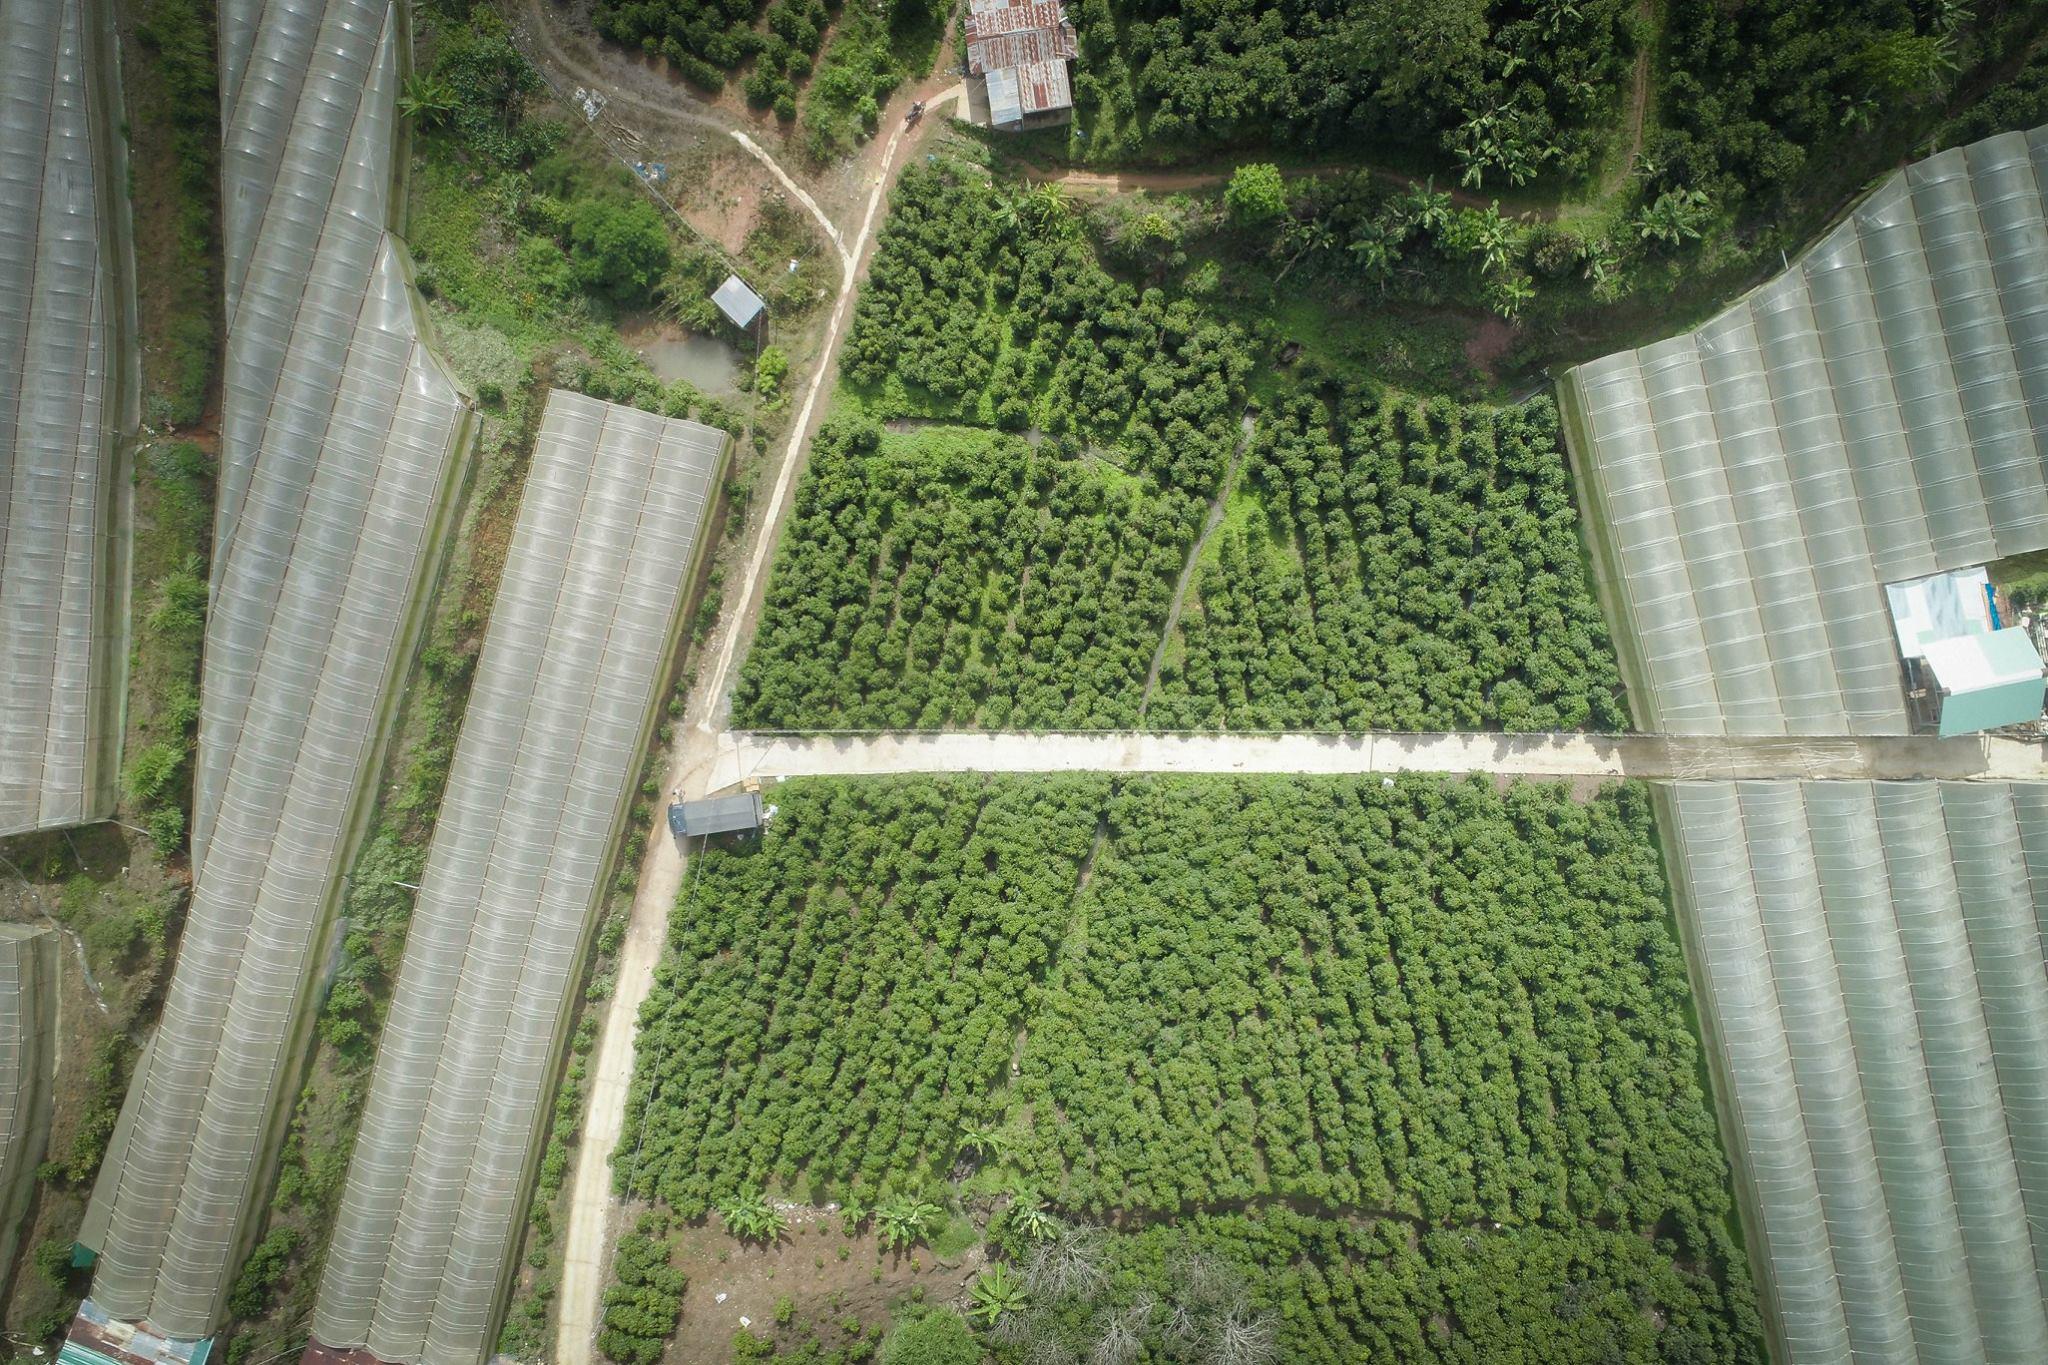 Nông trại cà phê HANCOFFEE tại Cầu Đất - Đà Lạt - Lâm Đồng